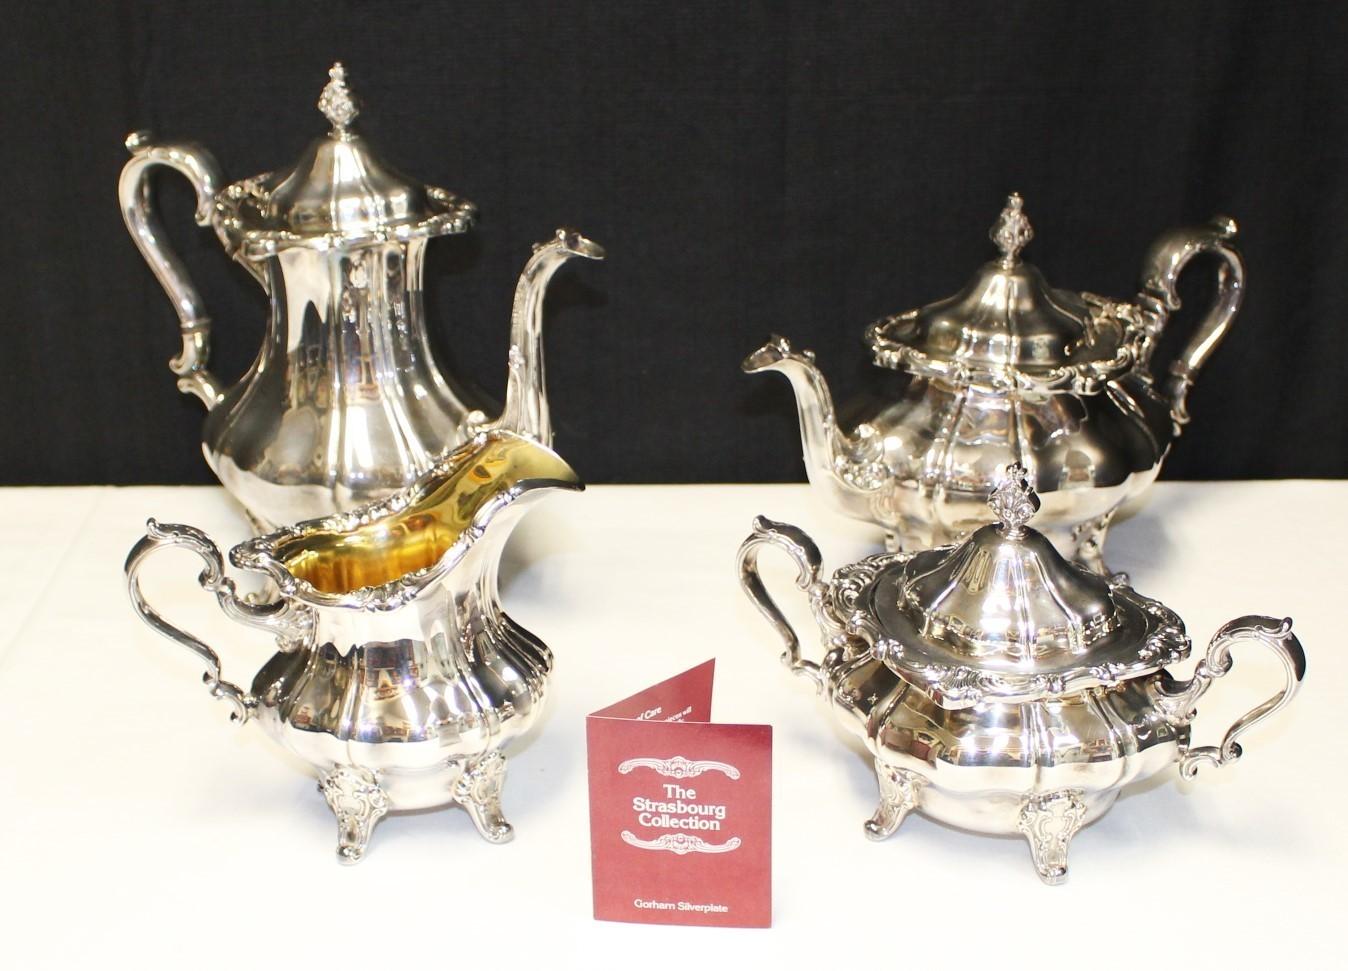 Gorham 1970's Strasbourg Silverplate 5 Piece Coffee, Teapot, Creamer & Sugar Set